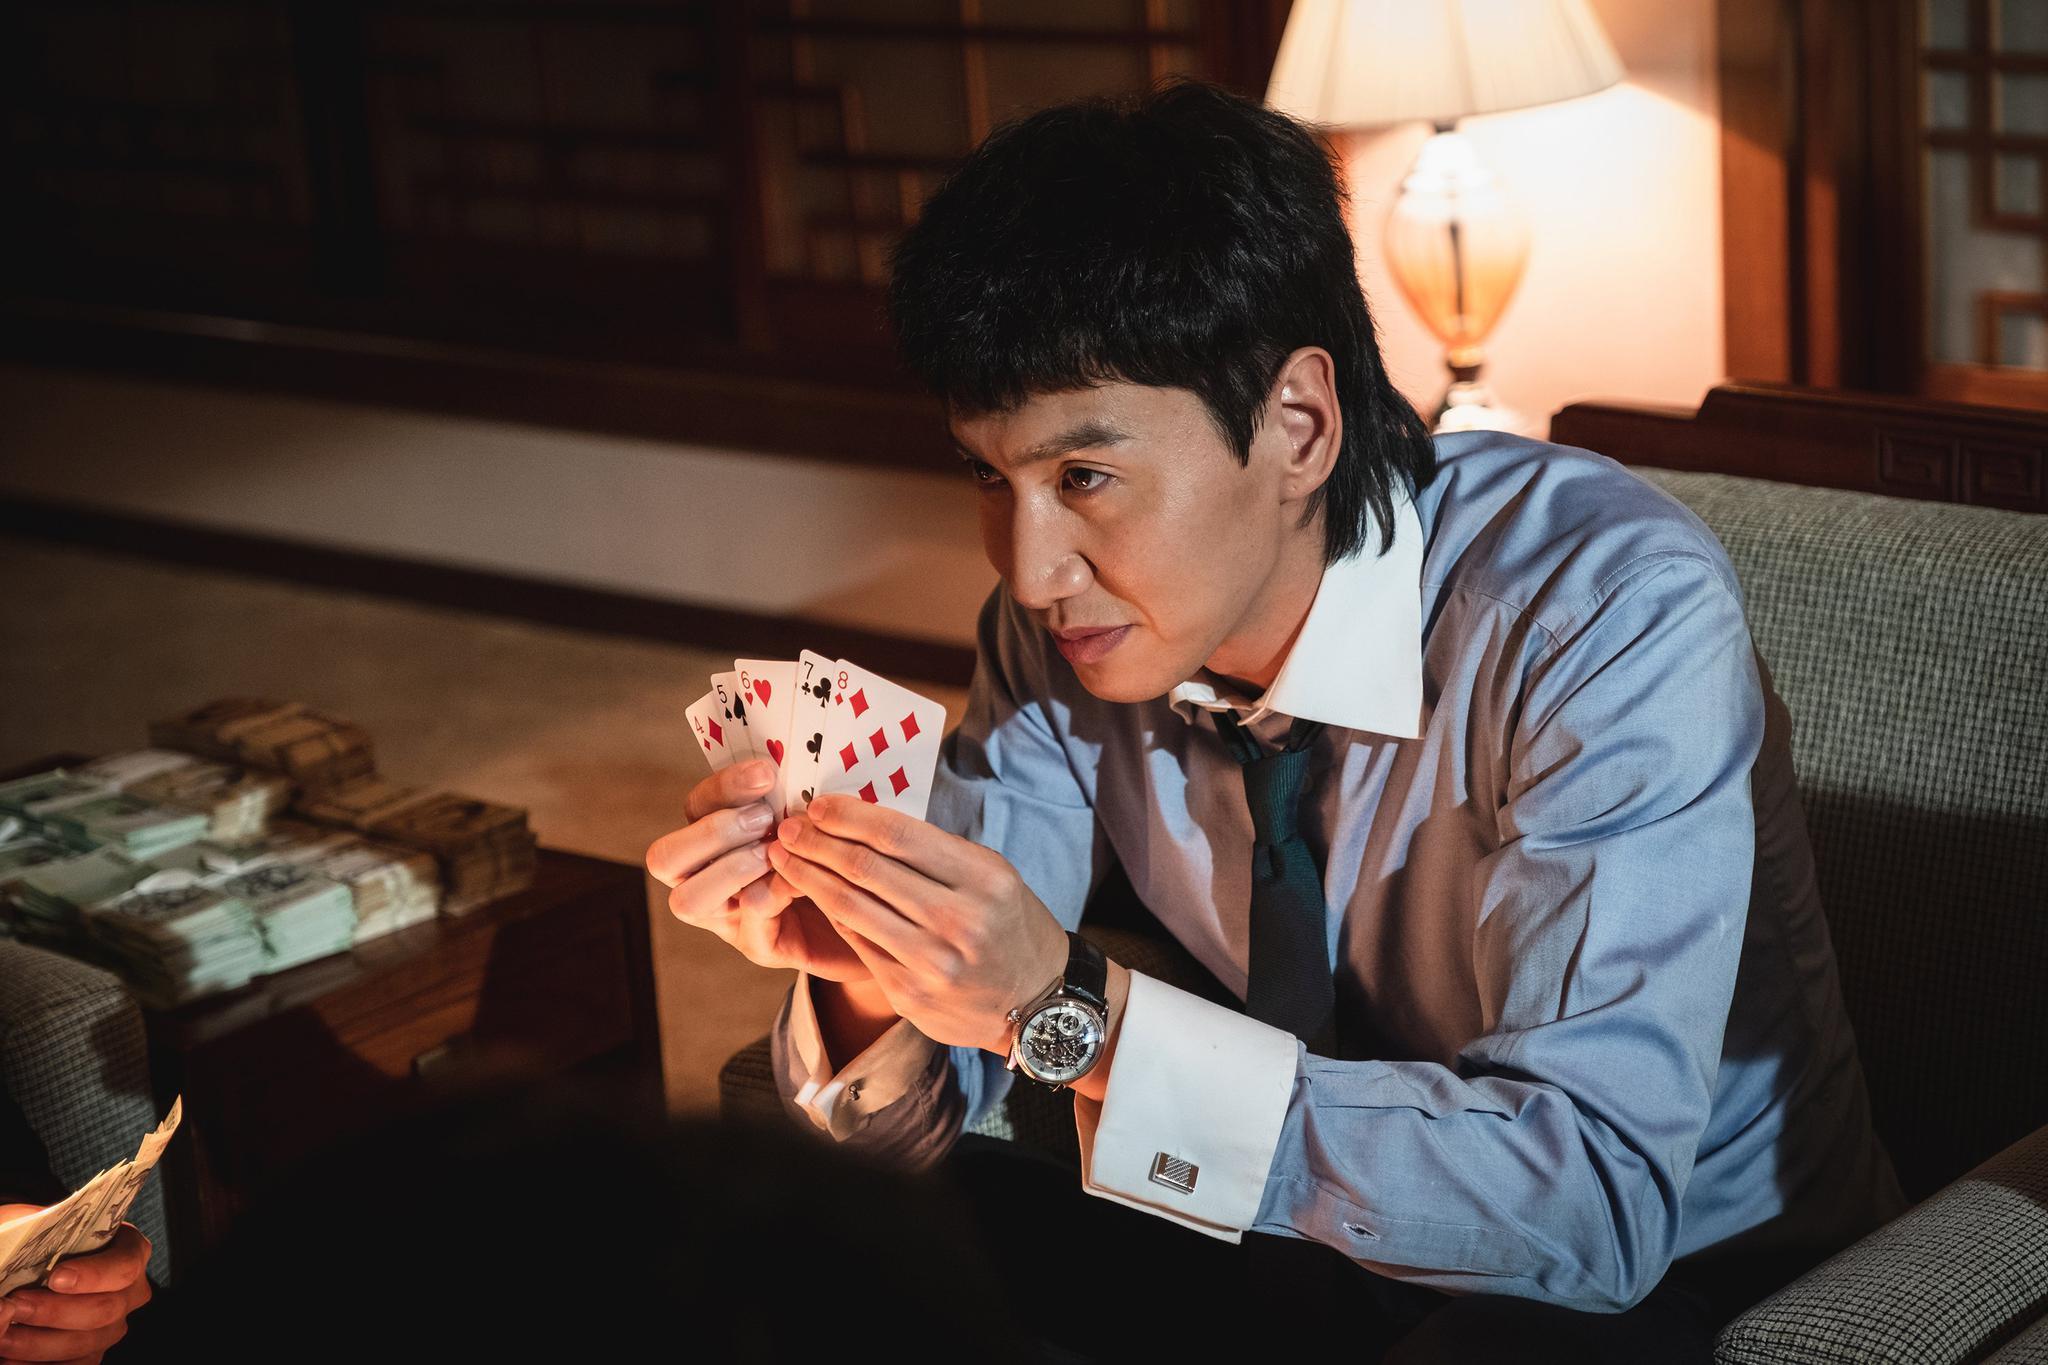 《老千3》韩国上映登顶日票房冠军,两部前作均大卖